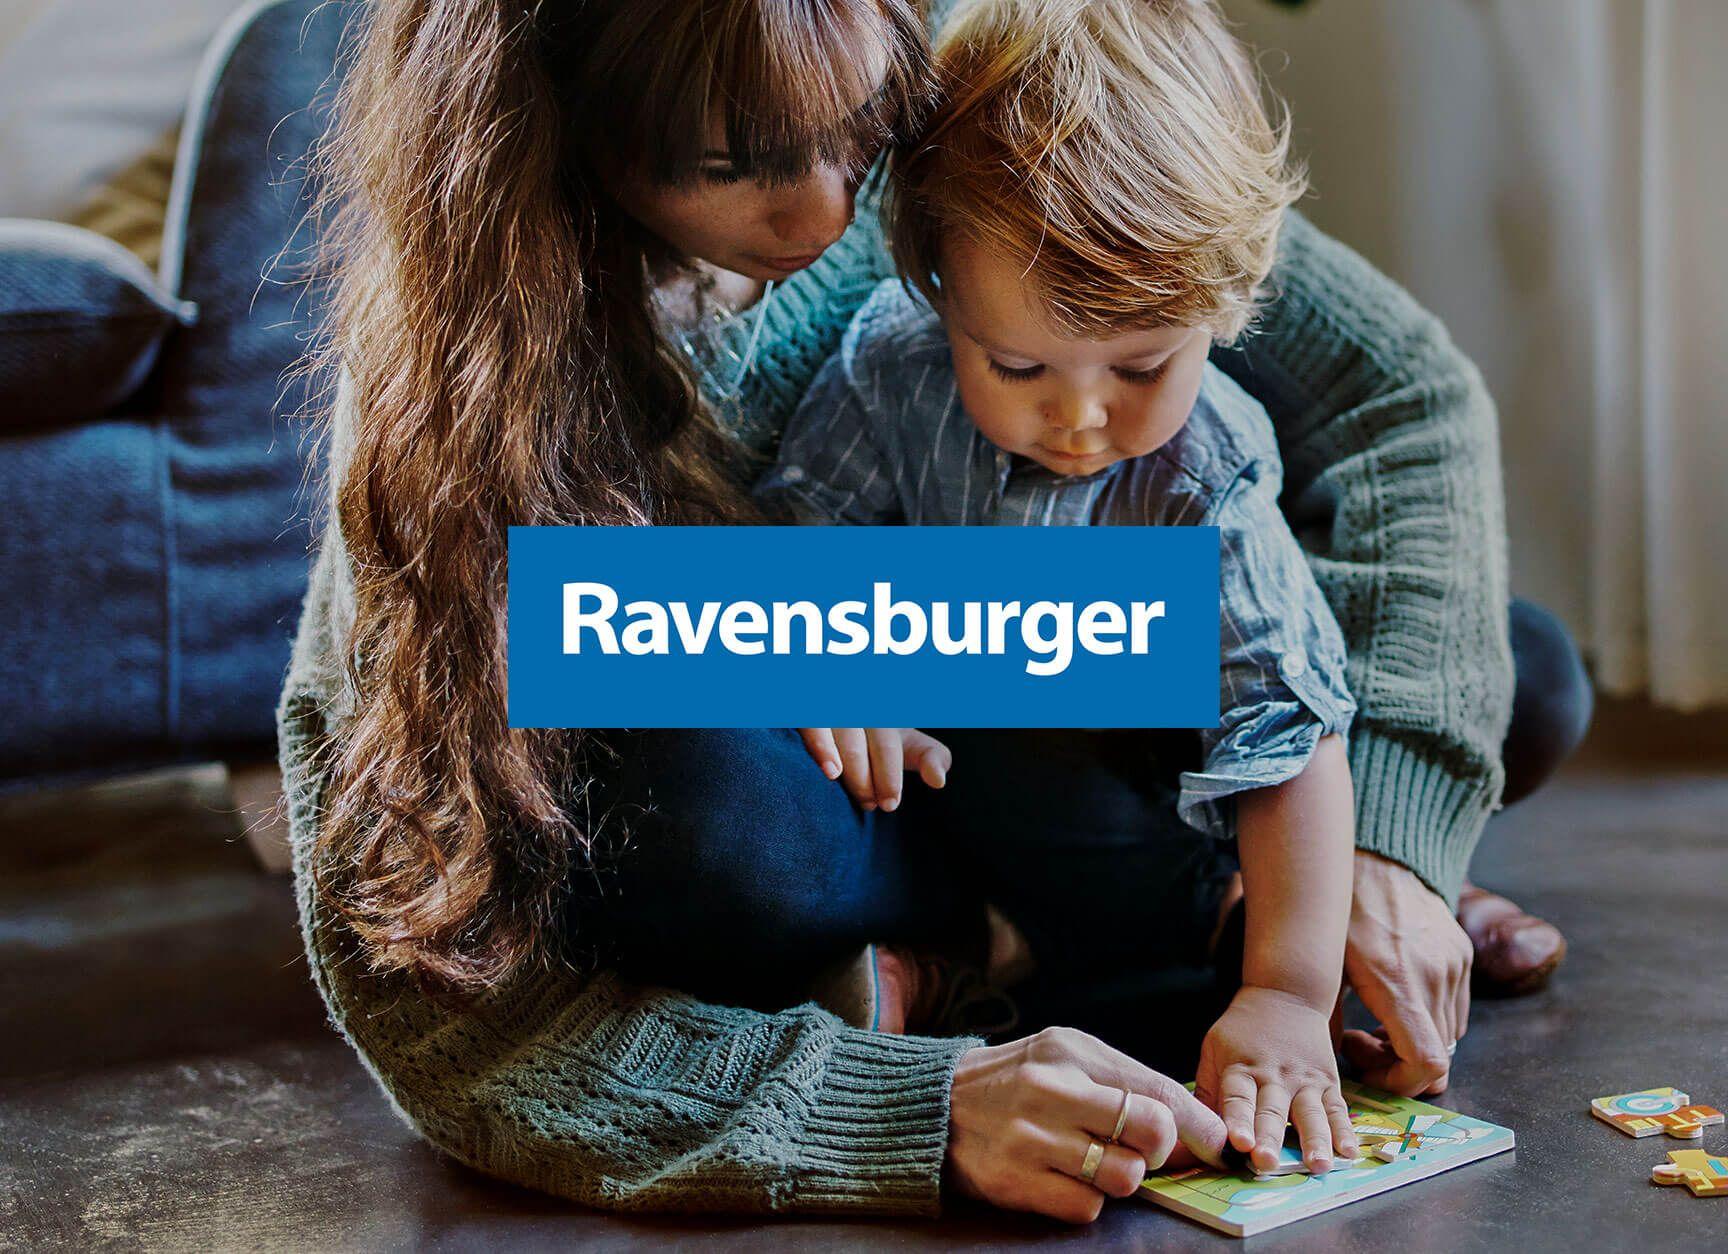 Ravensburger steigert Digitalperformance international mit diva-e